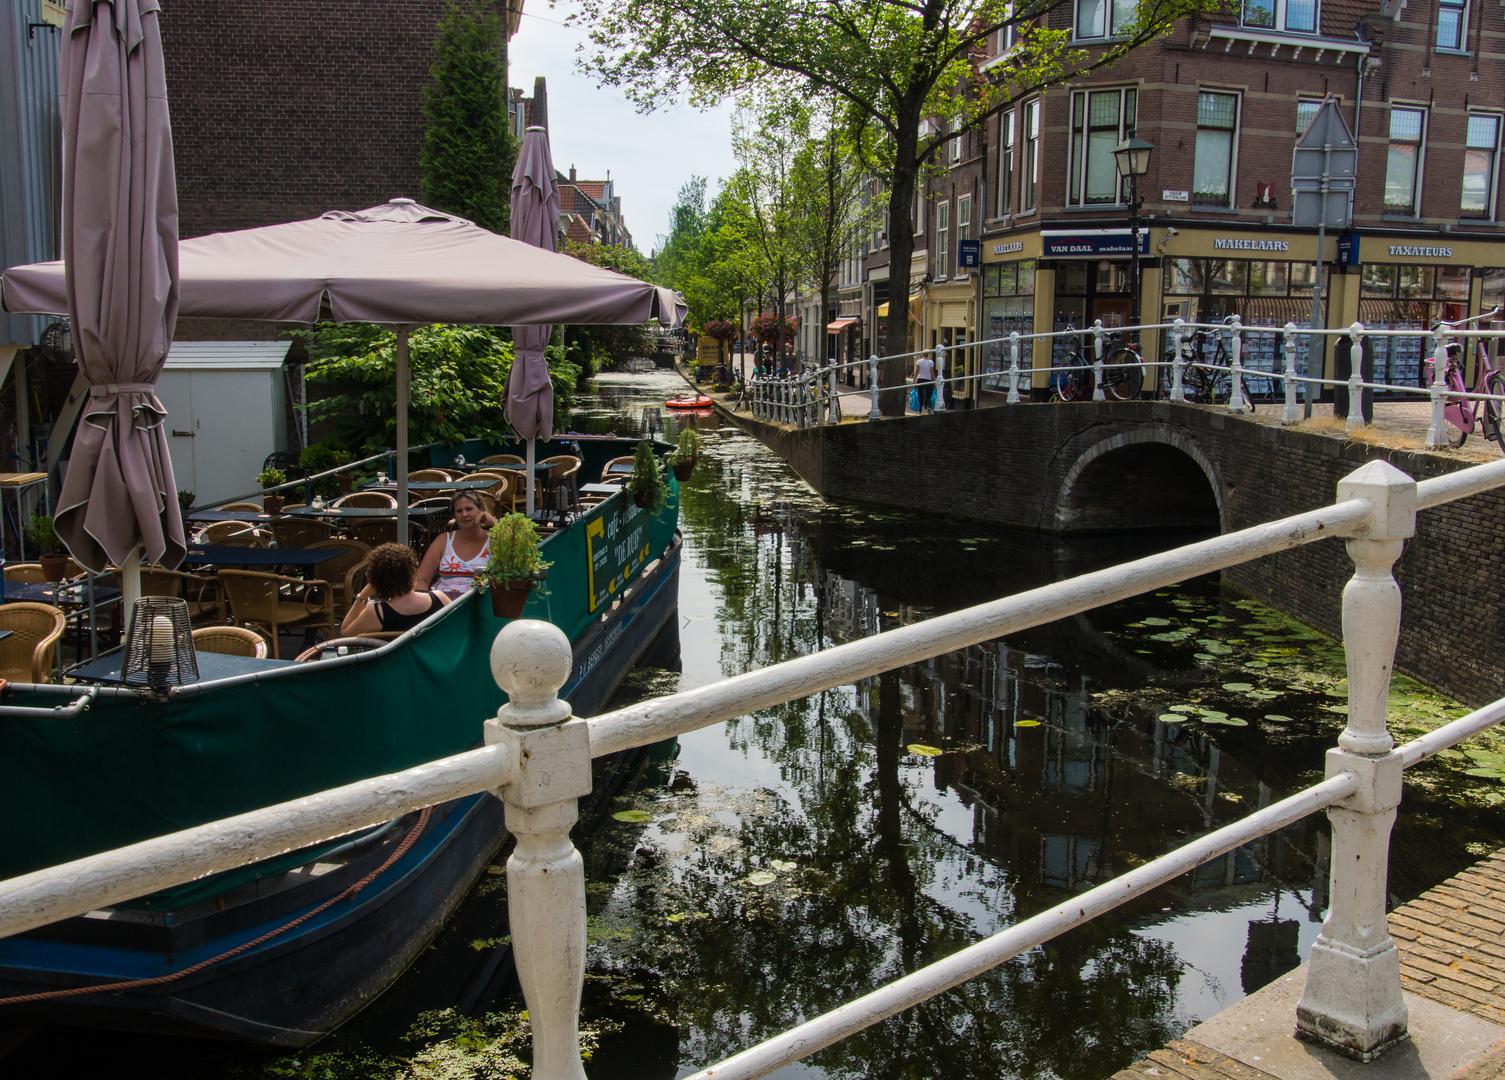 Grachtenansicht VIII - Delft/Niederlande